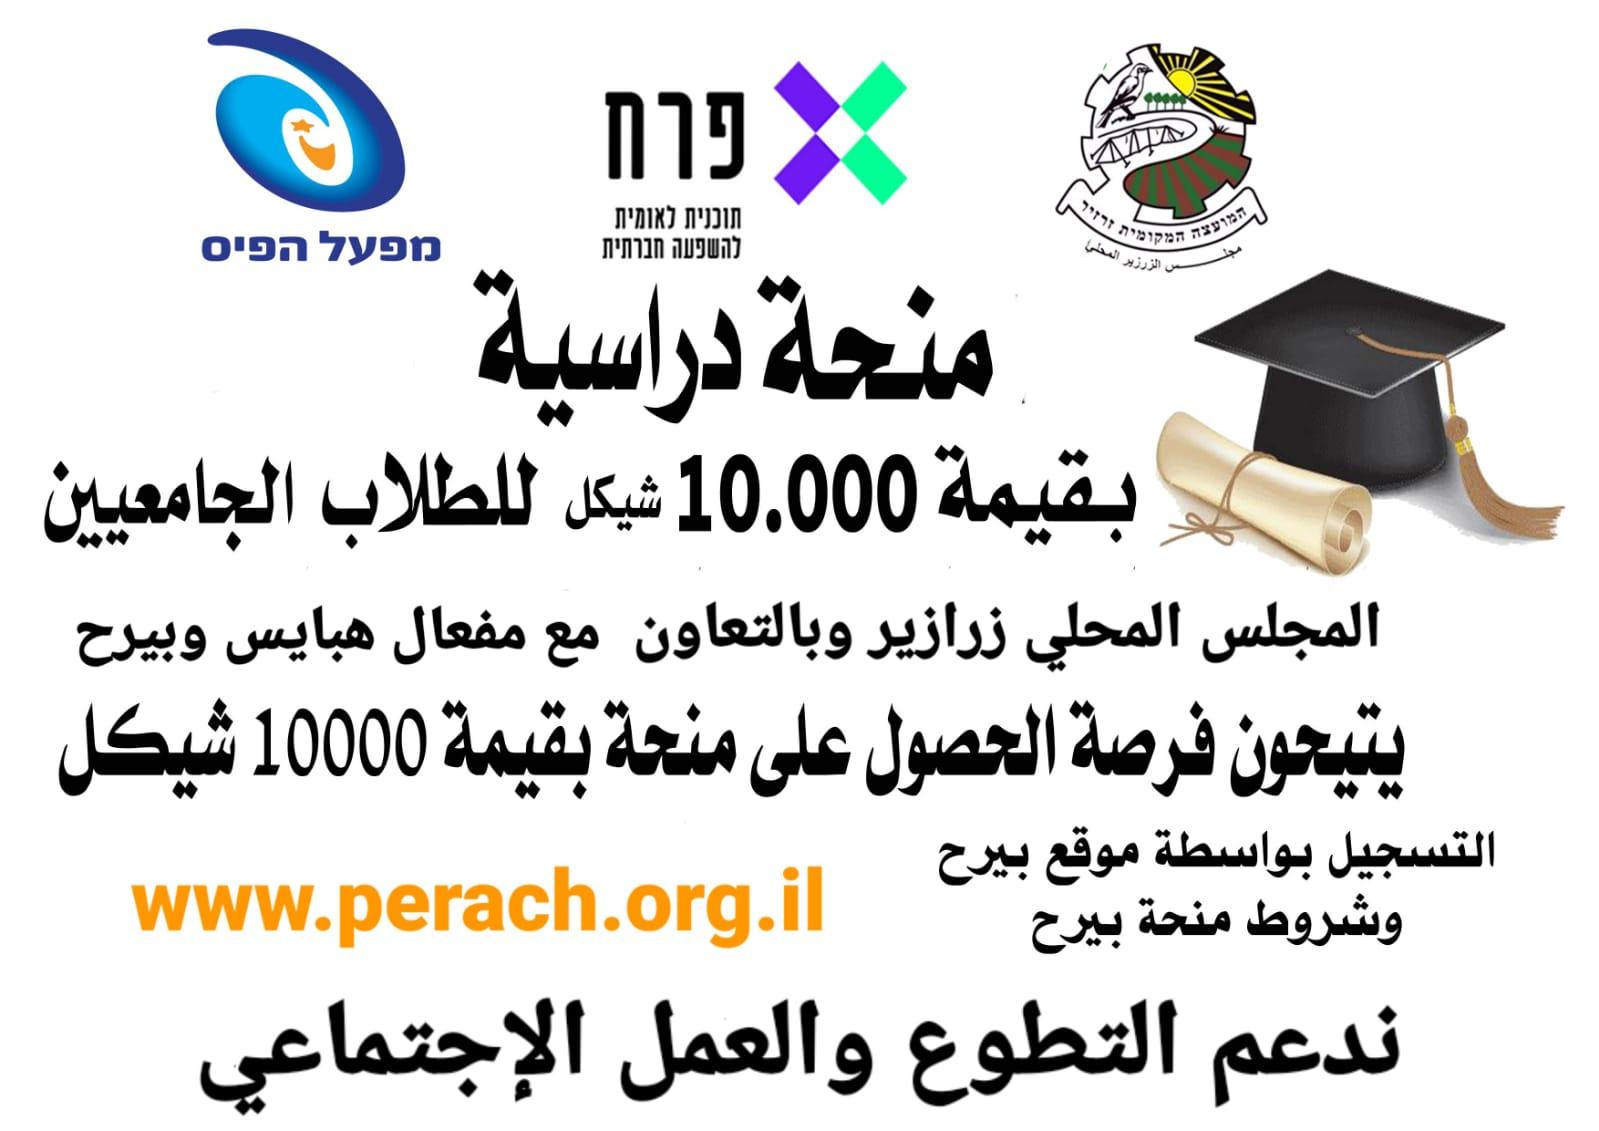 التسجيل لمنحة بيرح للسنة الدراسية 2021-2022